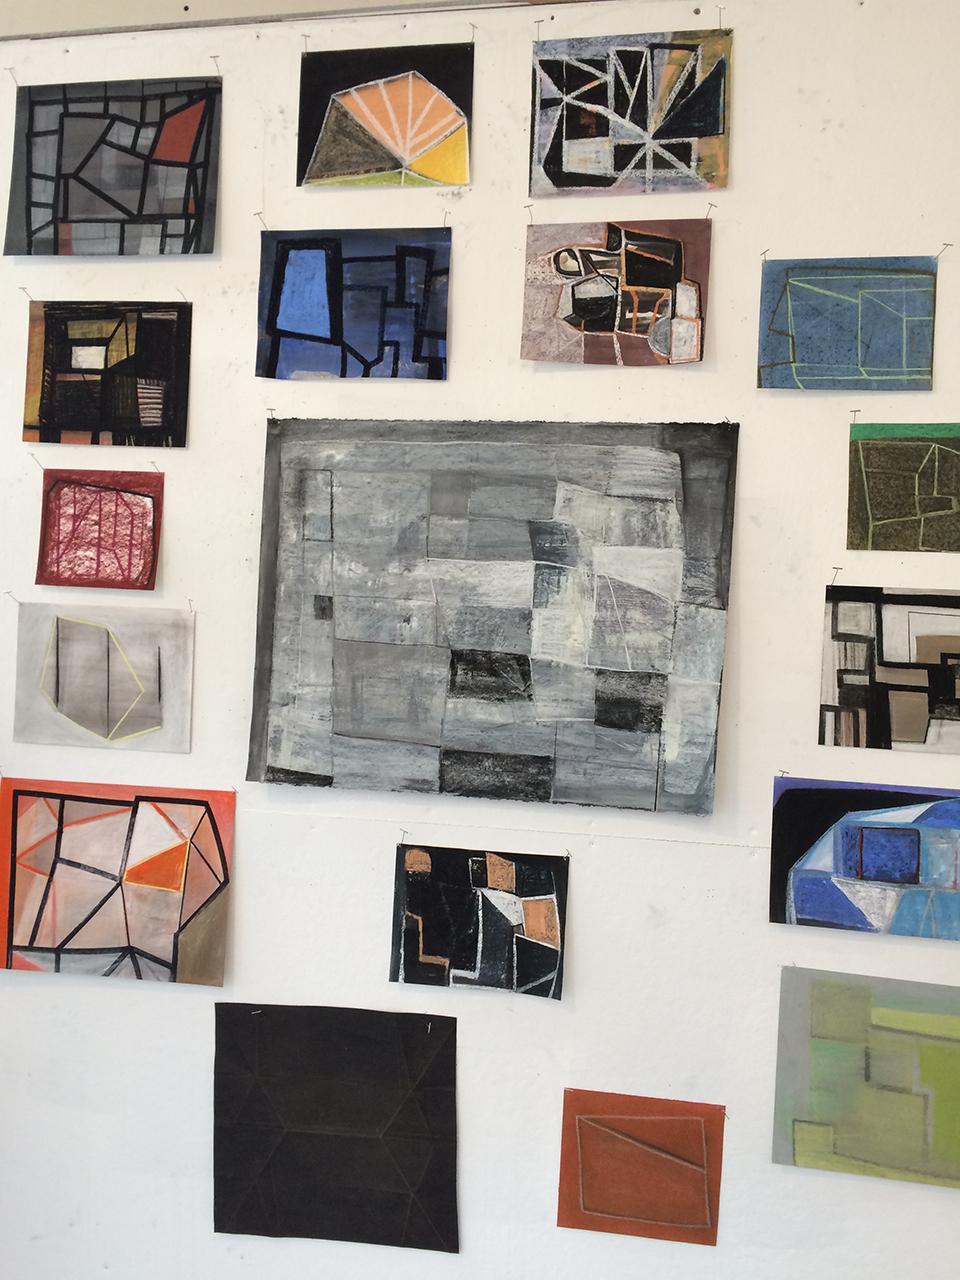 Pastel drawings on display in Erik Neff's studio.